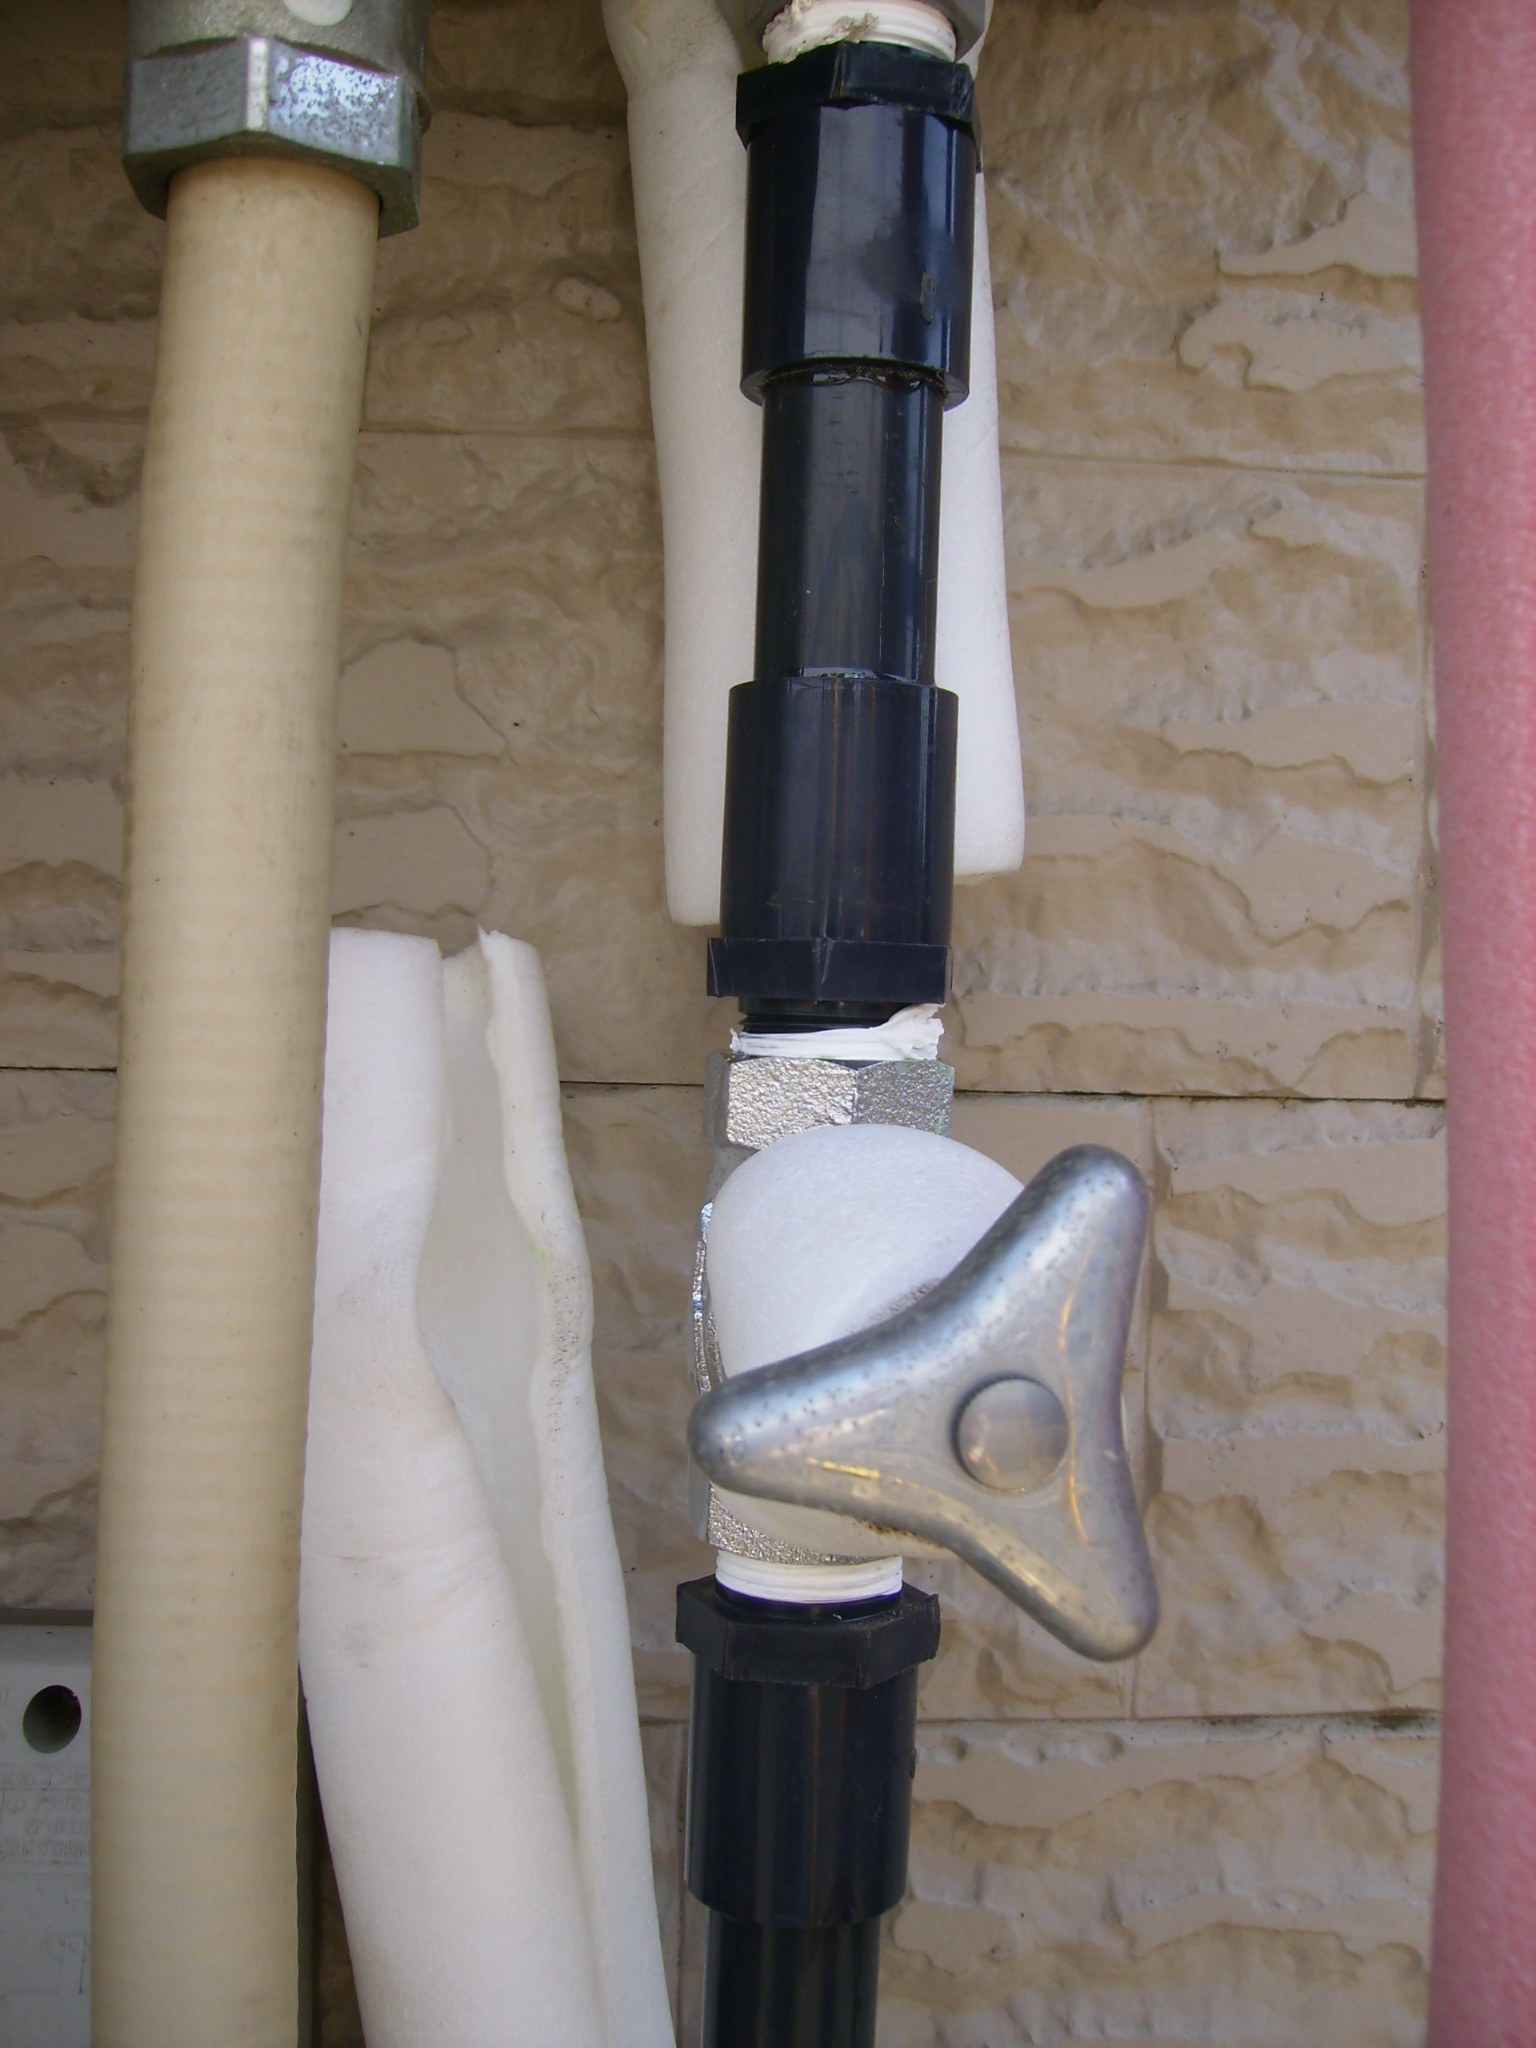 給湯器への給水配管にある止水栓(バルブ)